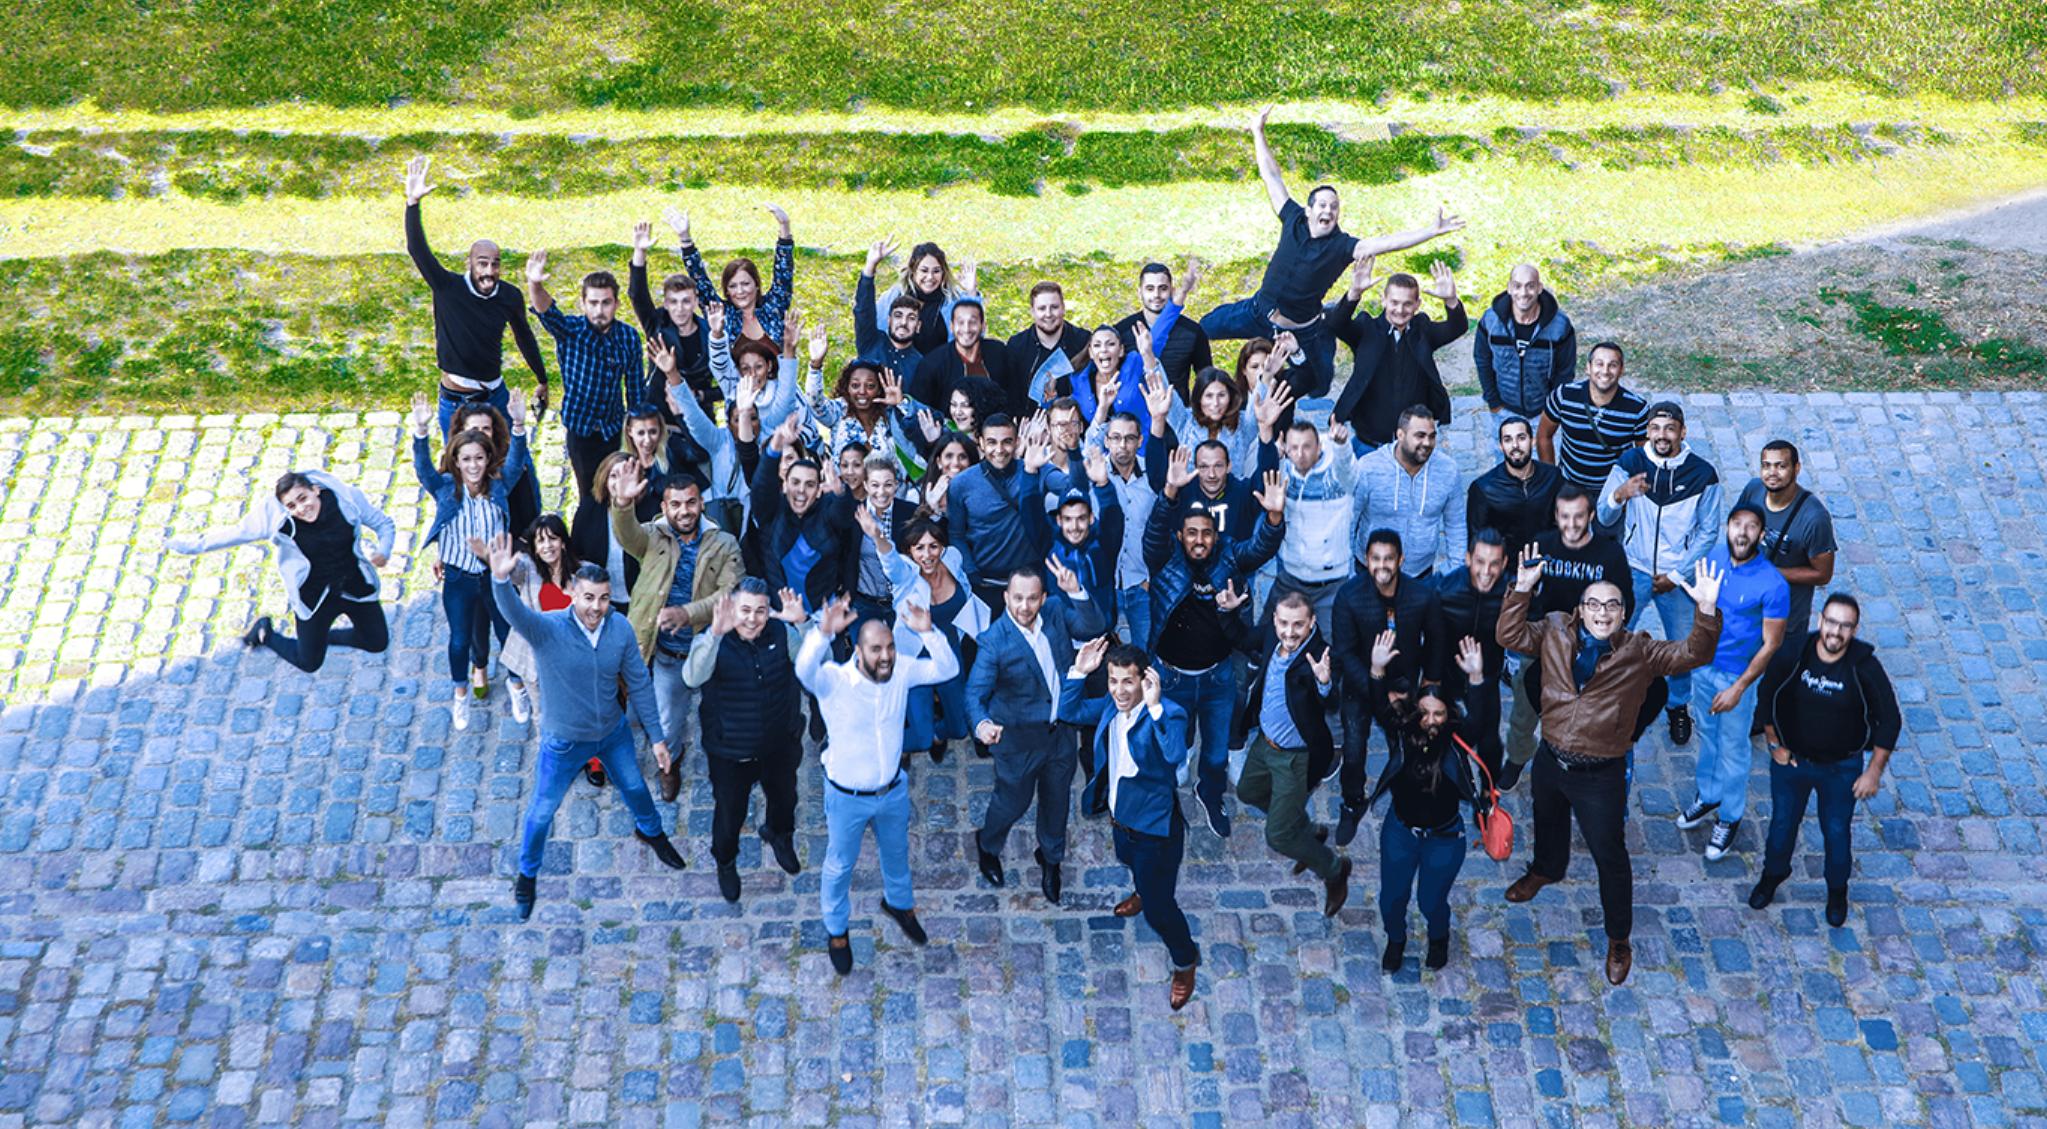 Notre équipe - groupe prévention du patrimoine français